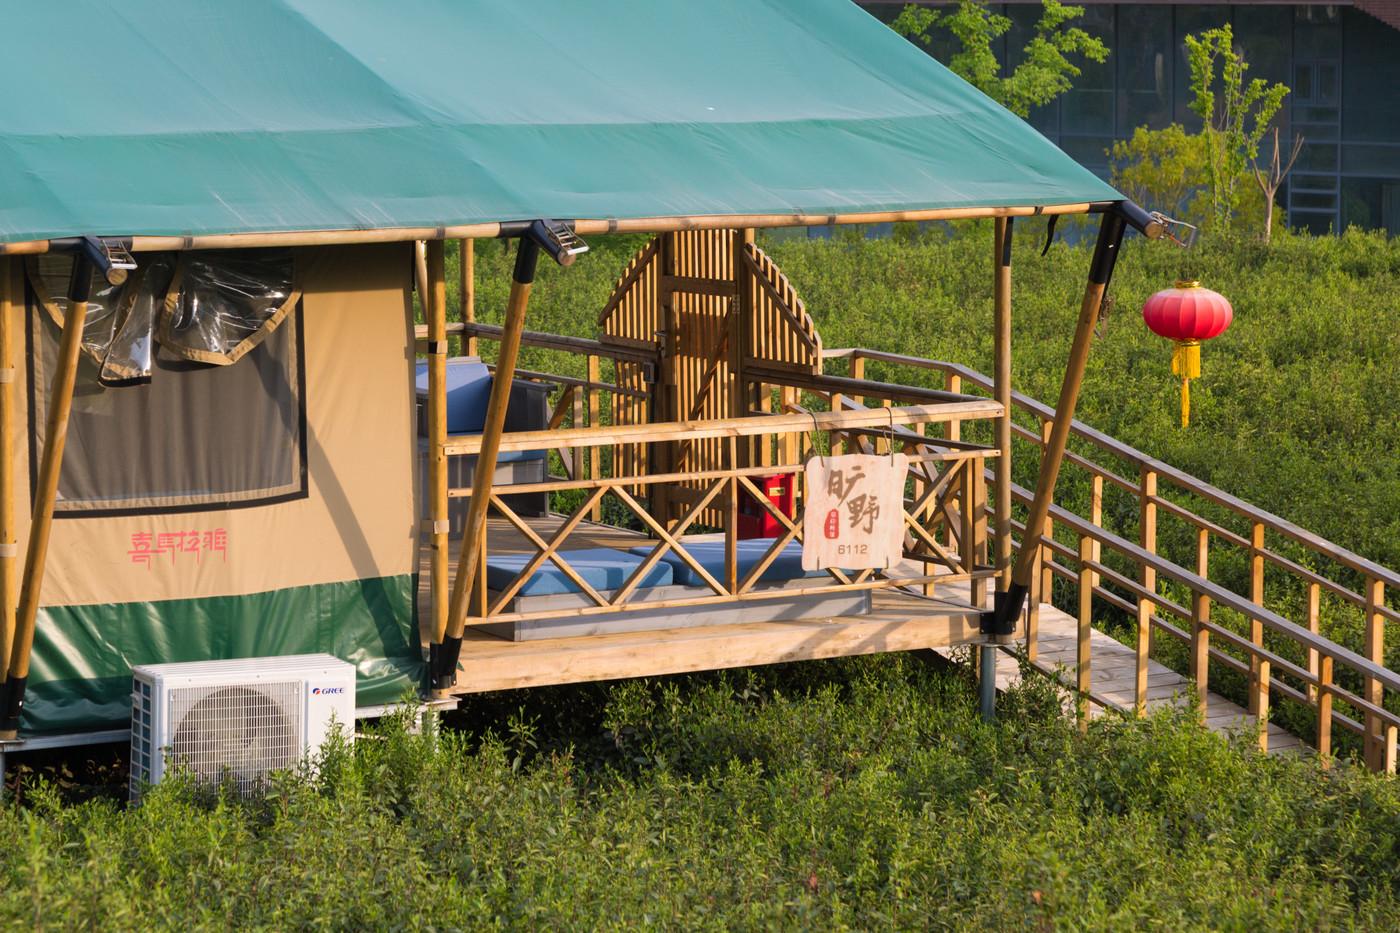 喜马拉雅野奢帐篷酒店—江苏茅山宝盛园(二期)17